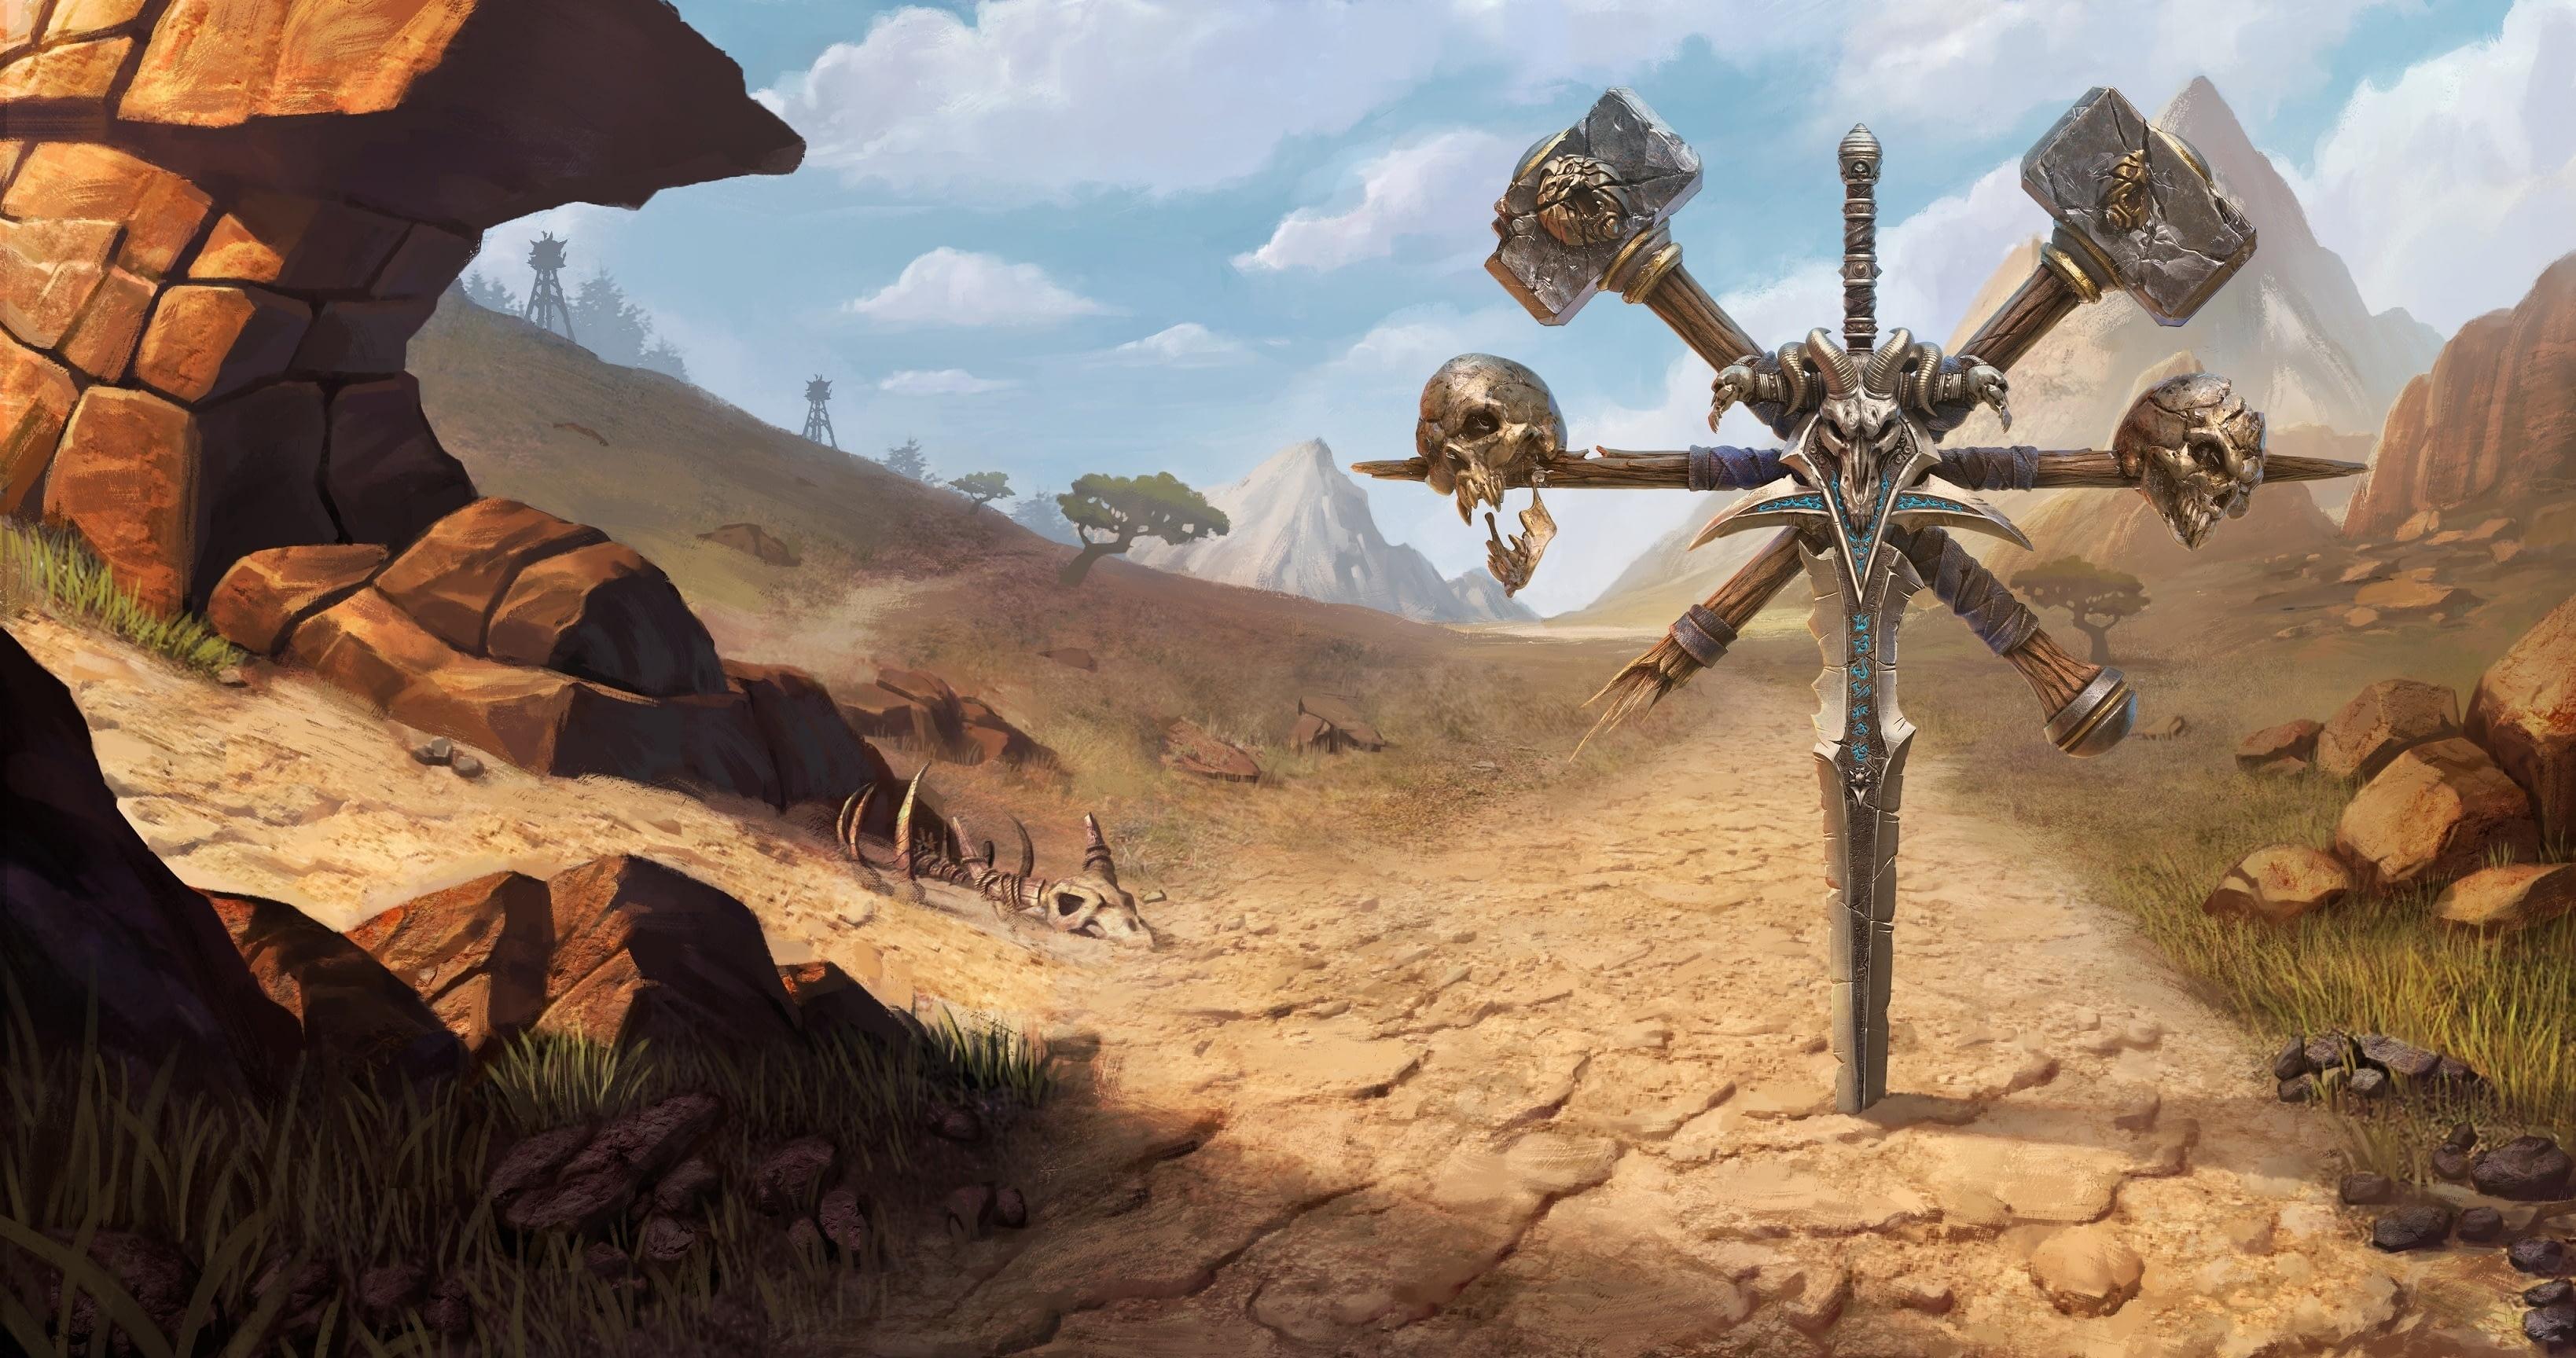 Утечка: обои, меню, интерфейс и иконки Warcraft III: Reforged 13